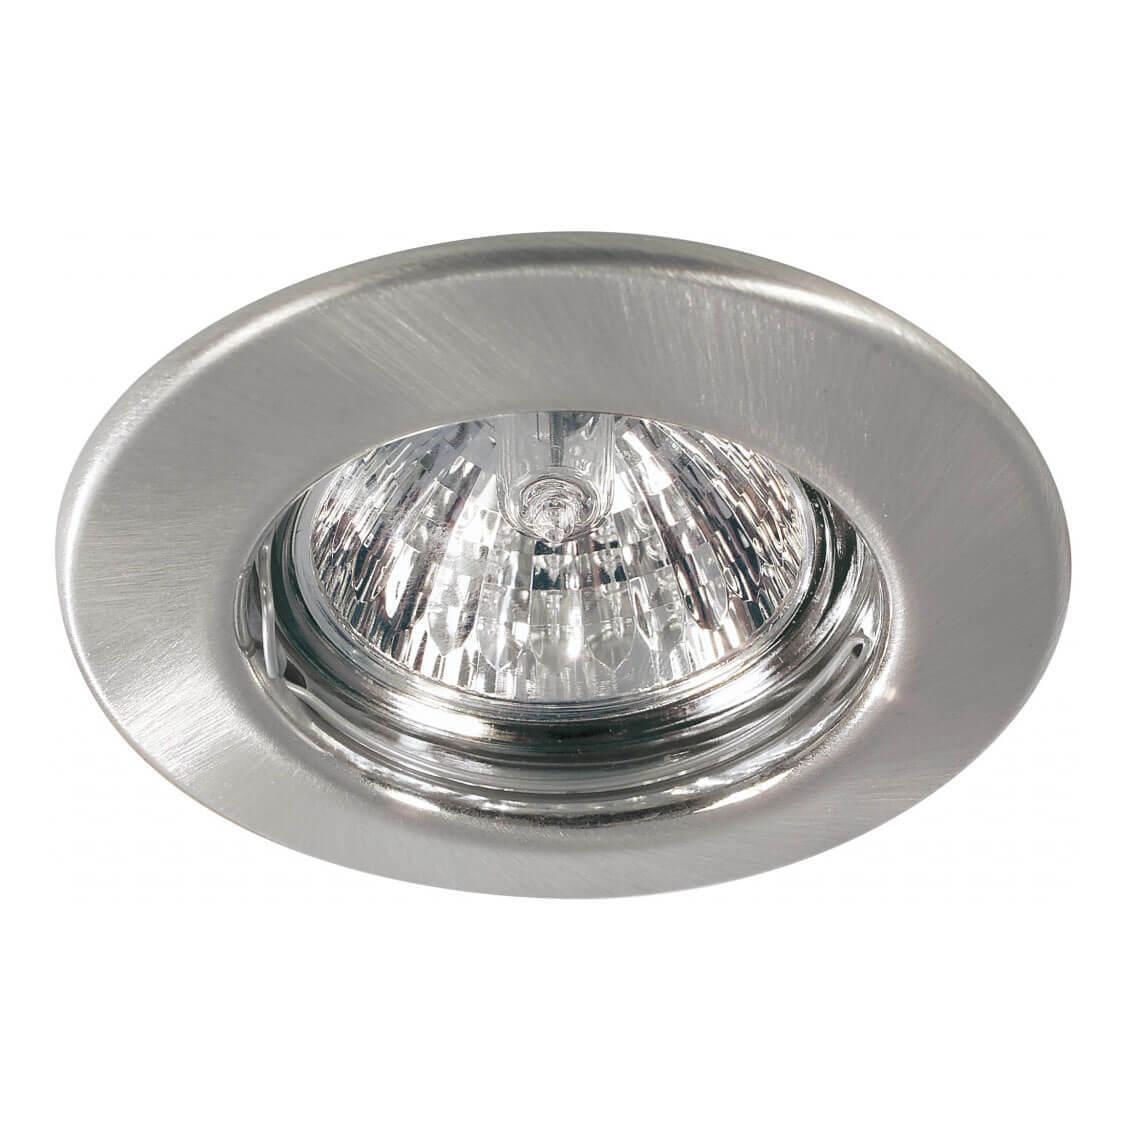 Встраиваемый светильник Paulmann Quality Line Halogen 98967.